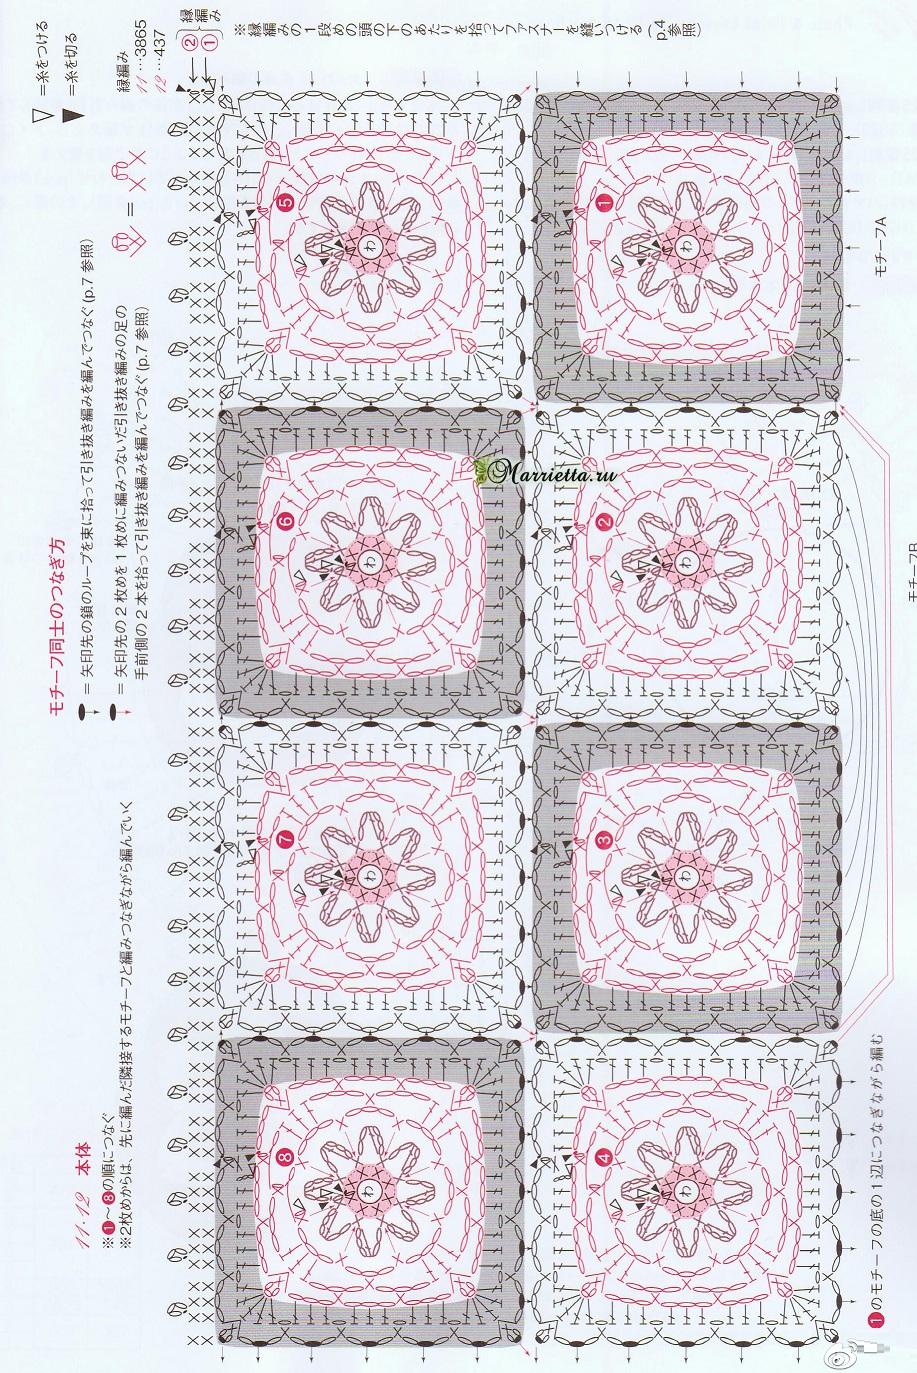 Кошельки крючком из квадратных мотивов с цветами (2)